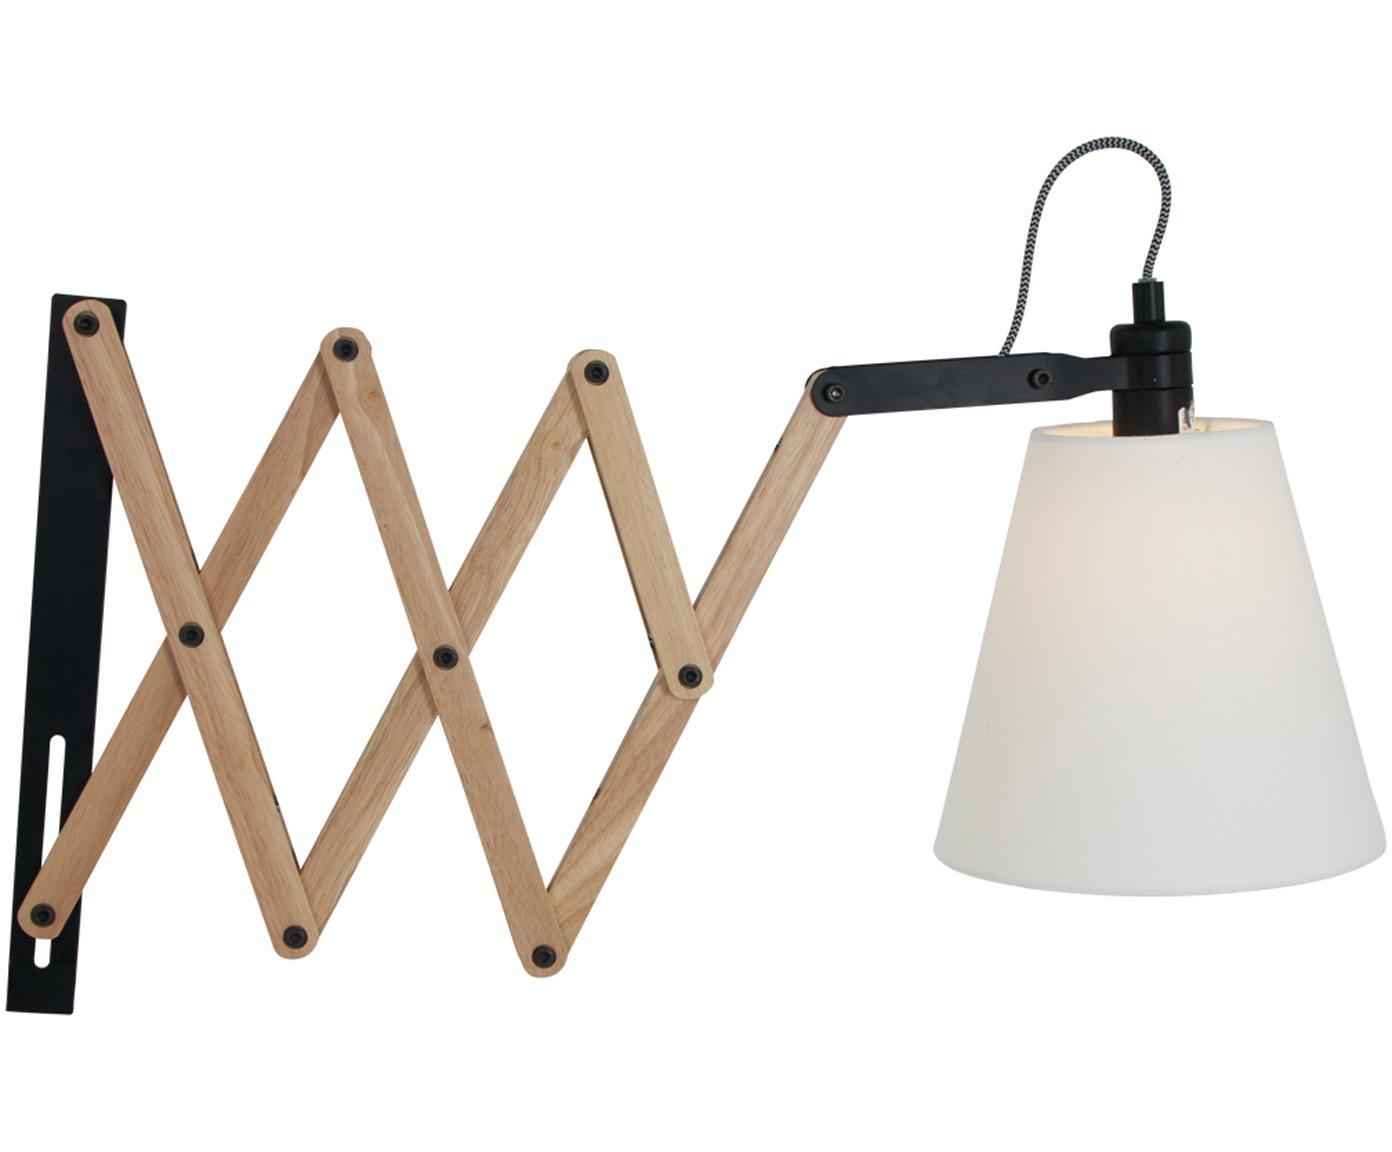 Verstellbare Wandleuchte Dion mit Stecker, Lampenschirm: Baumwolle (Chintz), Hellbraun, Schwarz, Weiß, B 10 x T 80 cm